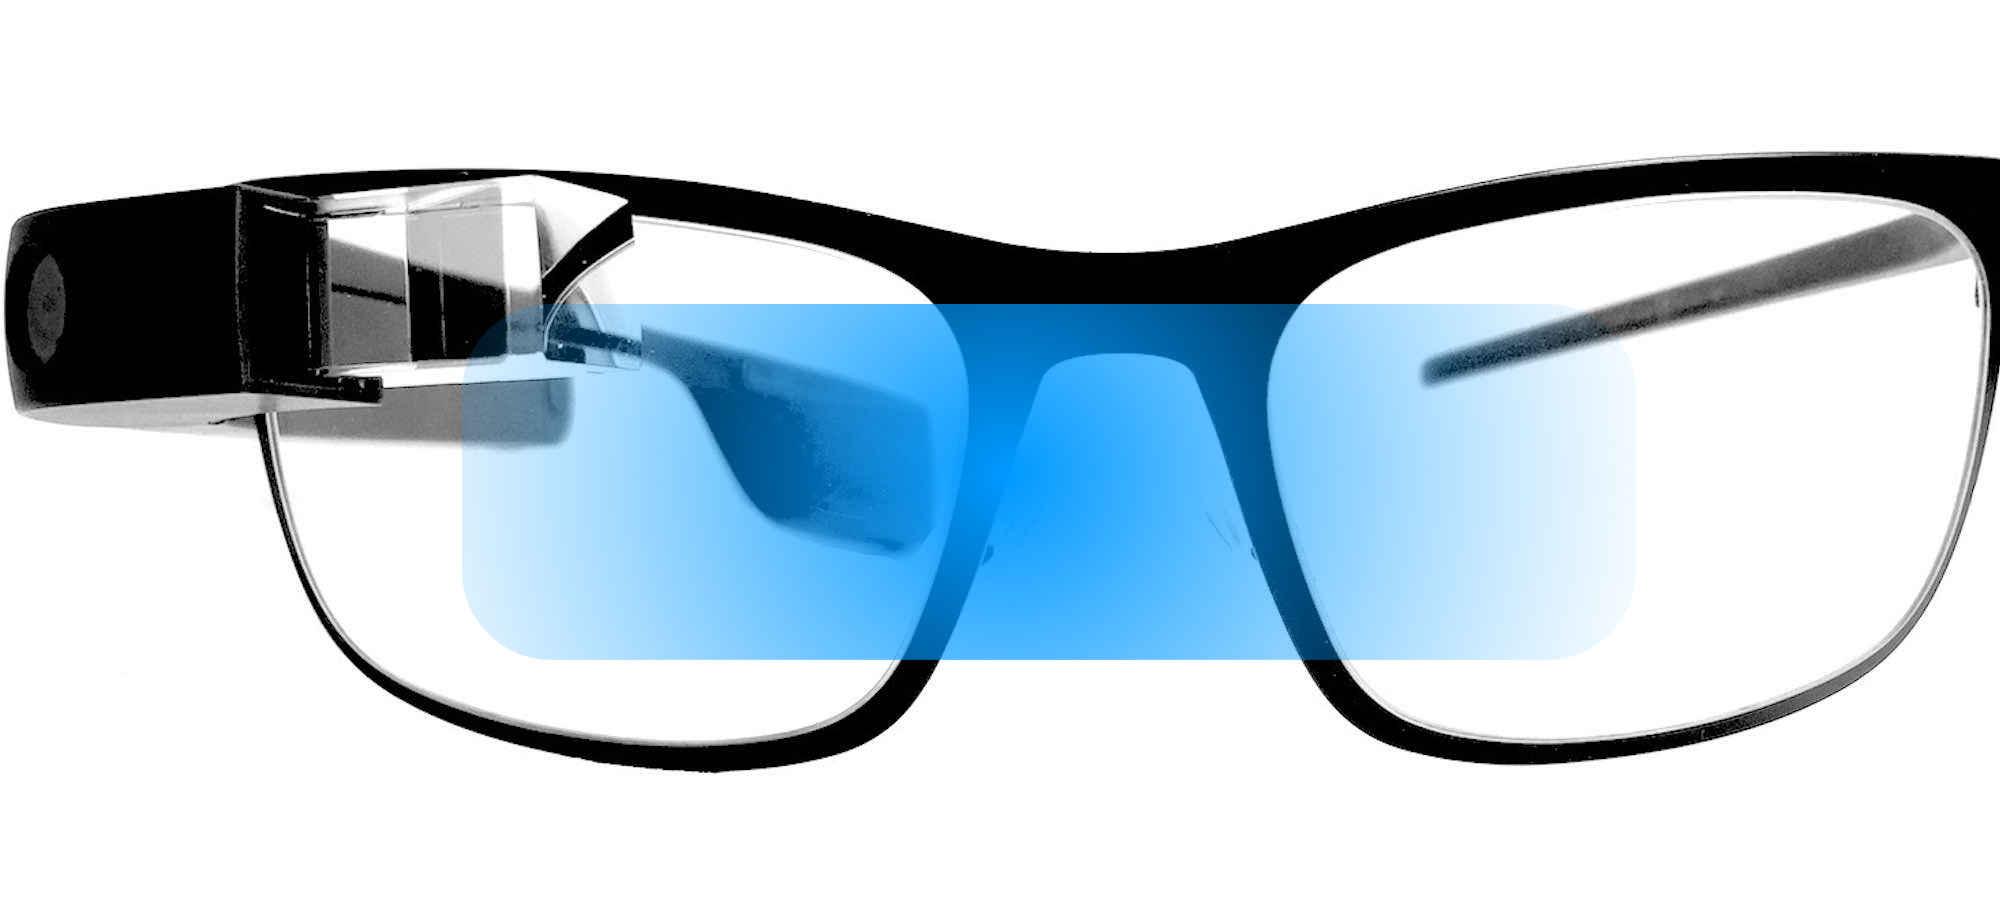 Augmented Reality – Datenbrillen – Google Glass